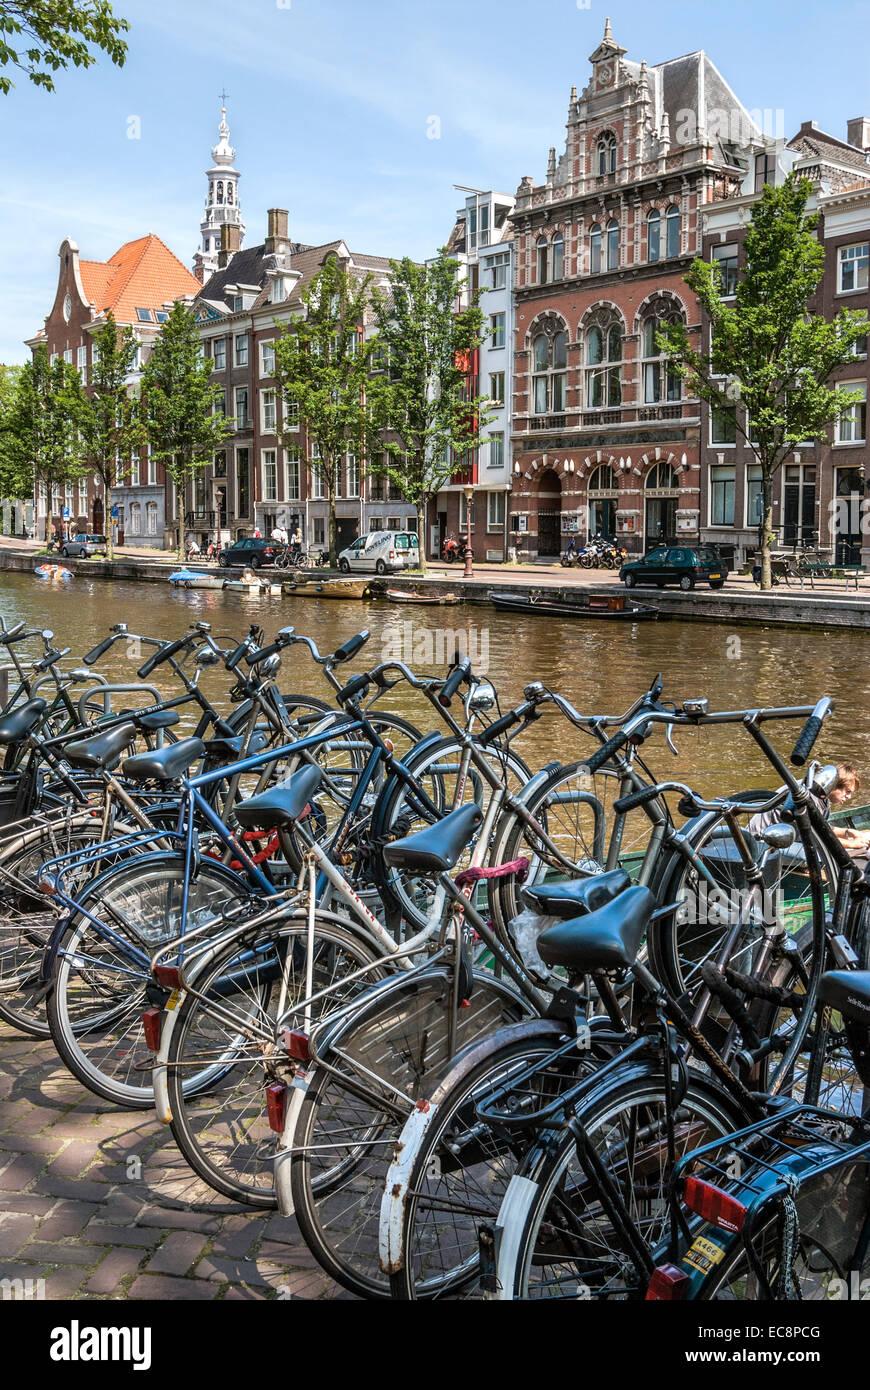 Les vélos garés sur une gracht dans le centre-ville d'Amsterdam, Pays-Bas. Banque D'Images